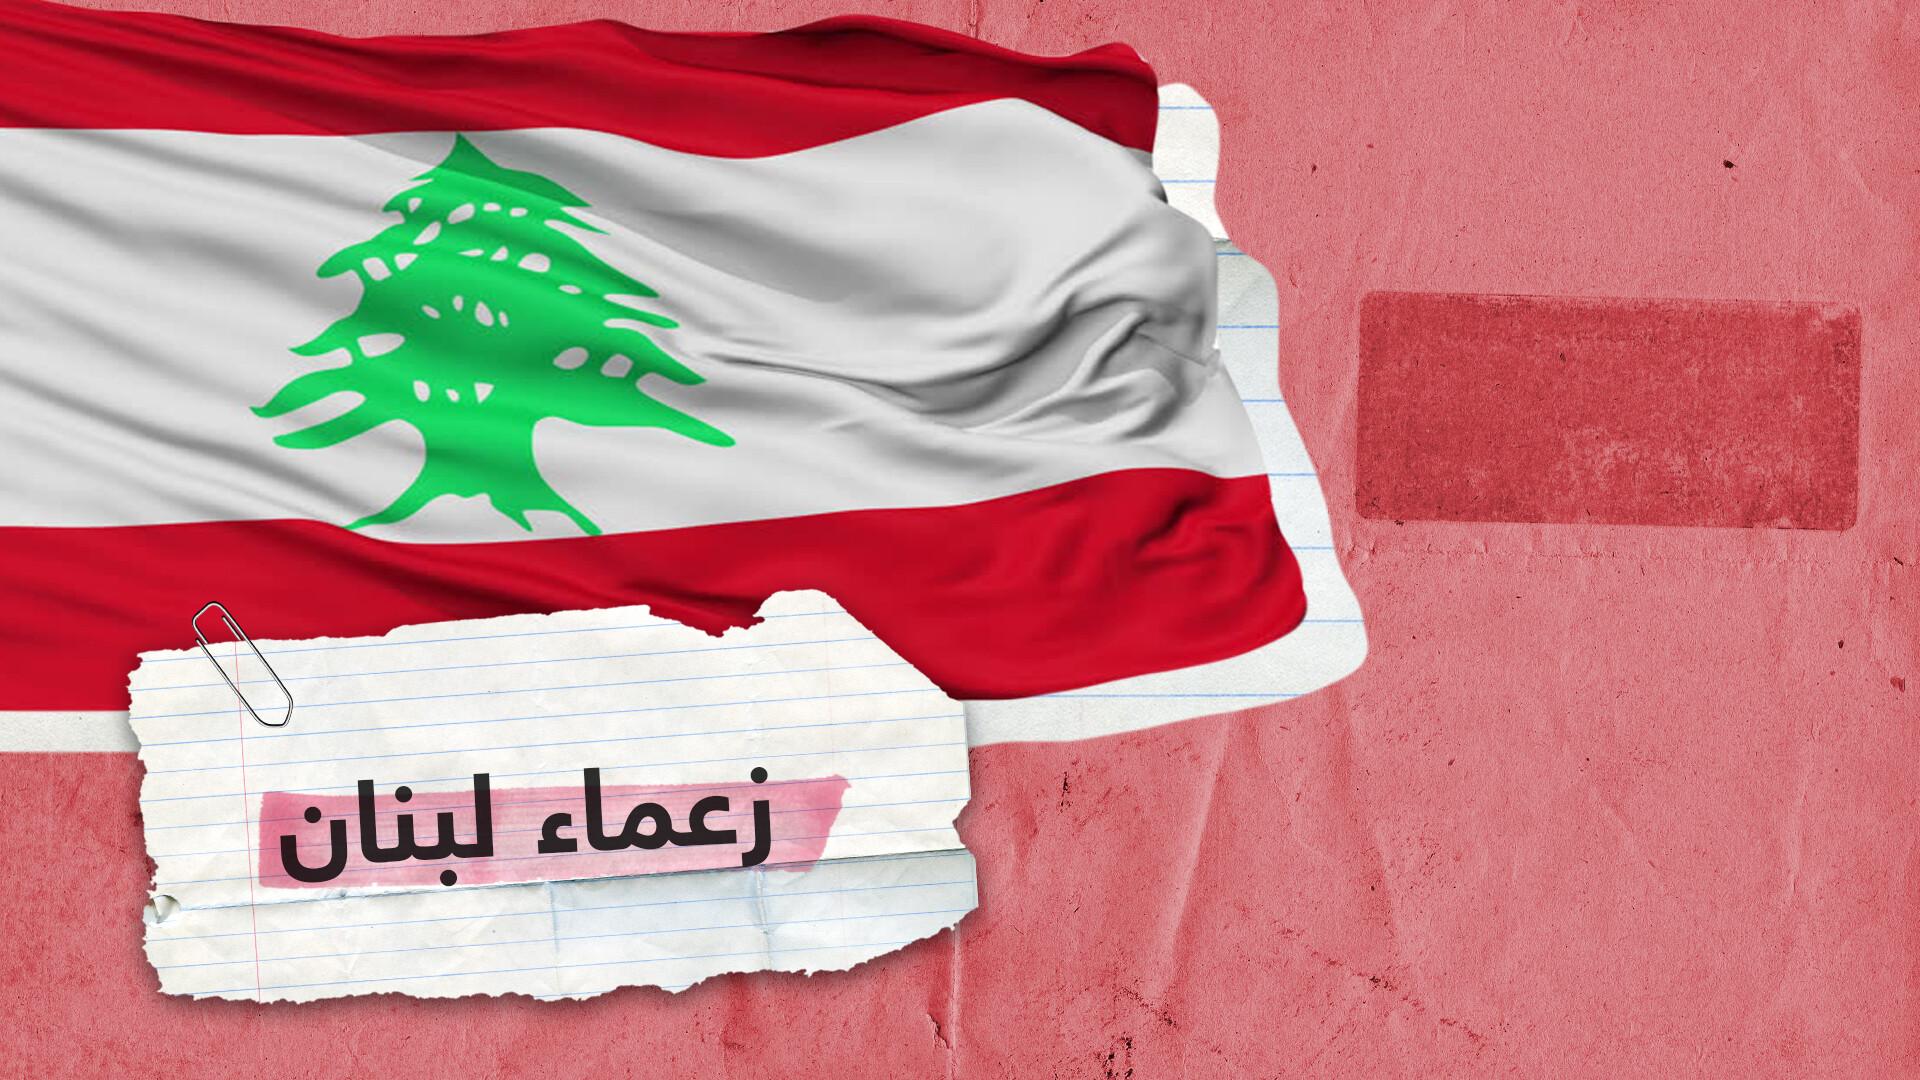 زعماء أبرز التيارات السياسية الحاكمة في لبنان